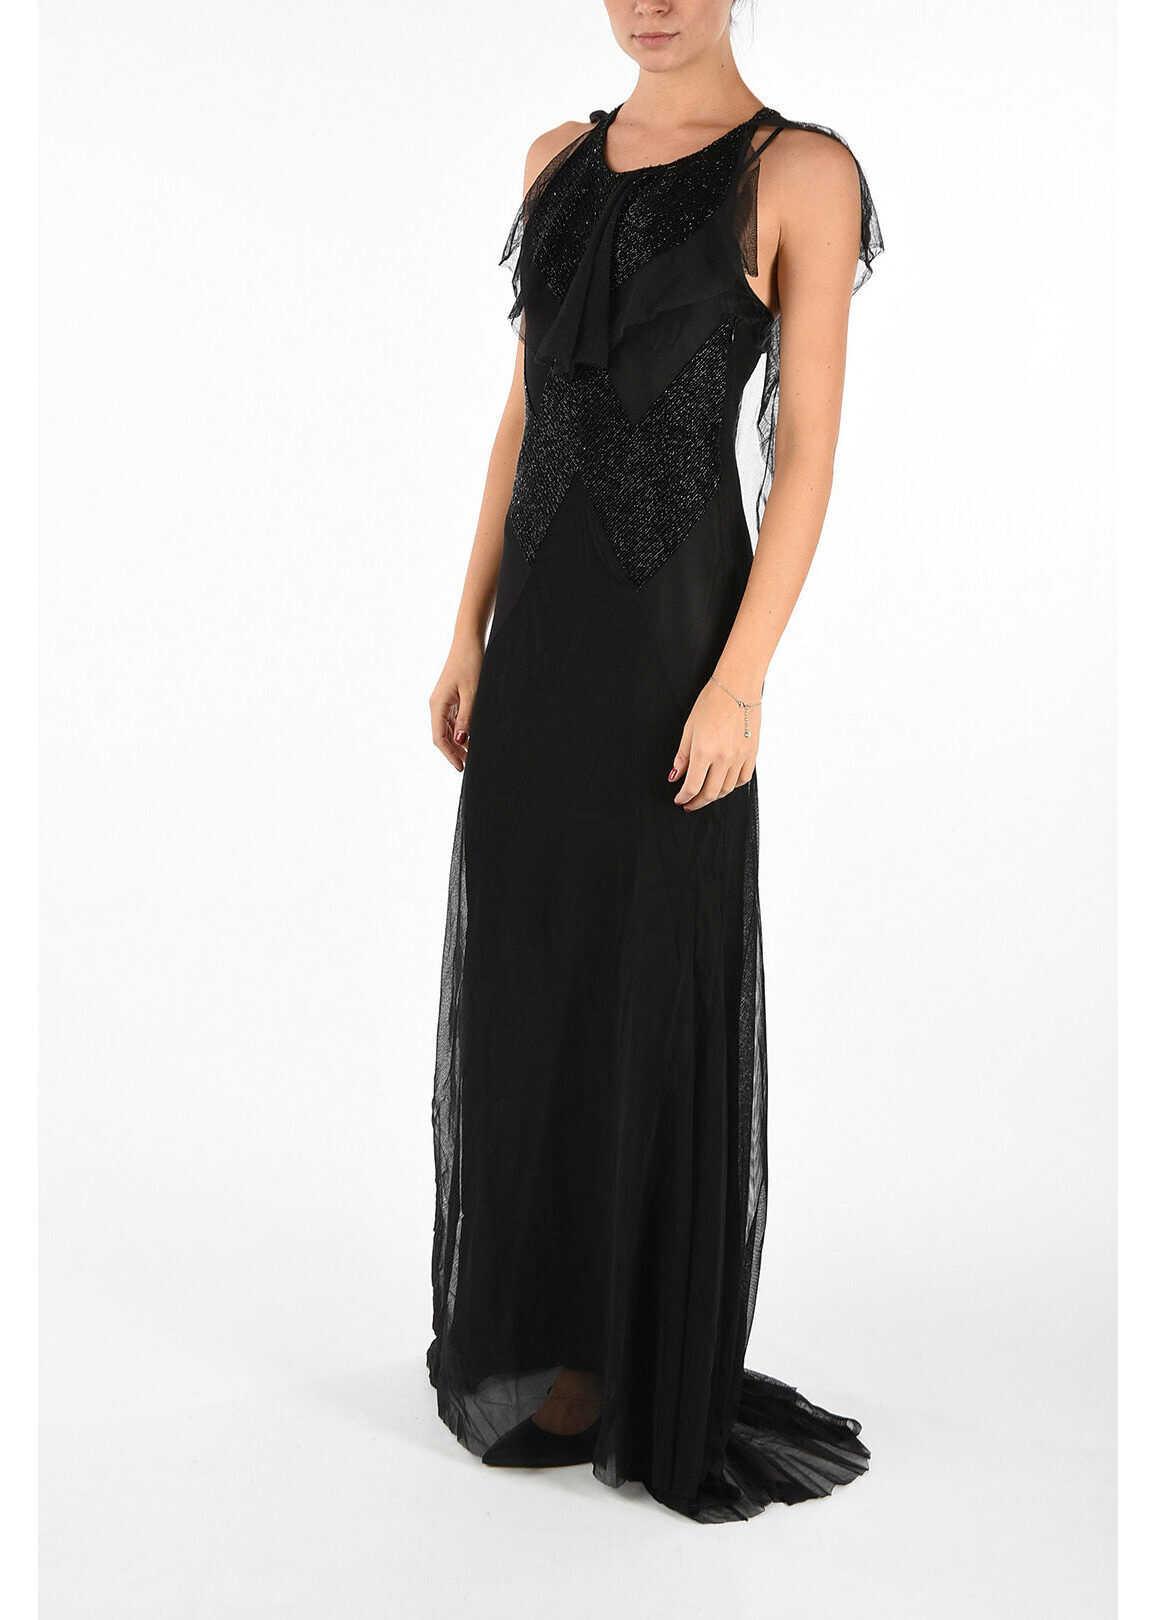 Maison Margiela Tulle & Viscose Dress With Beads Black image0